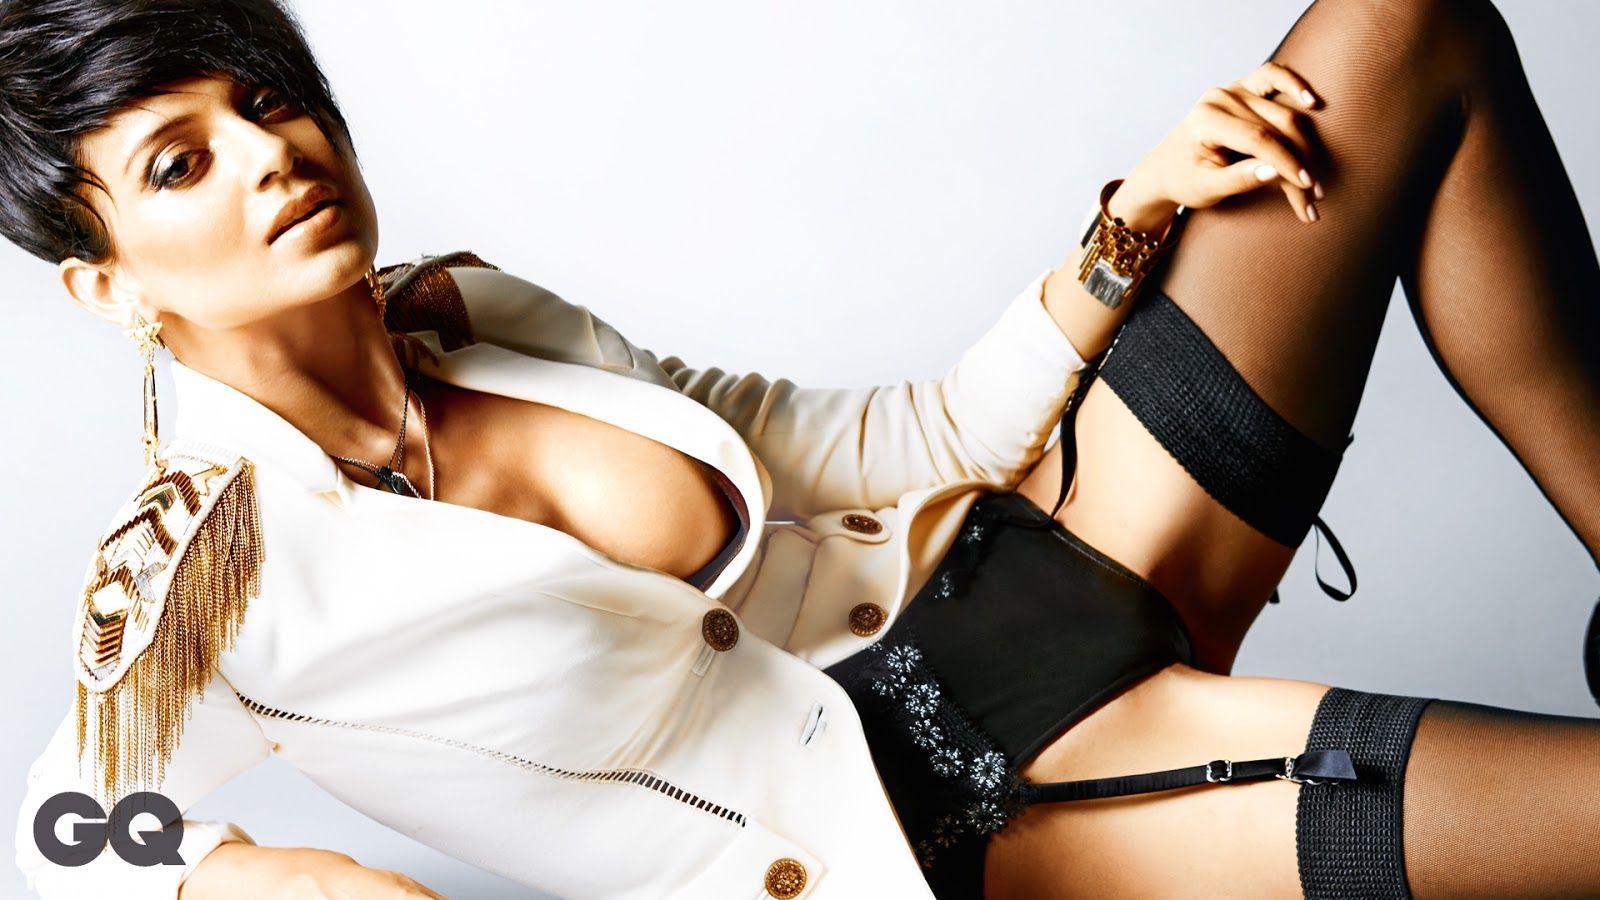 Hot naked image ladys mexico